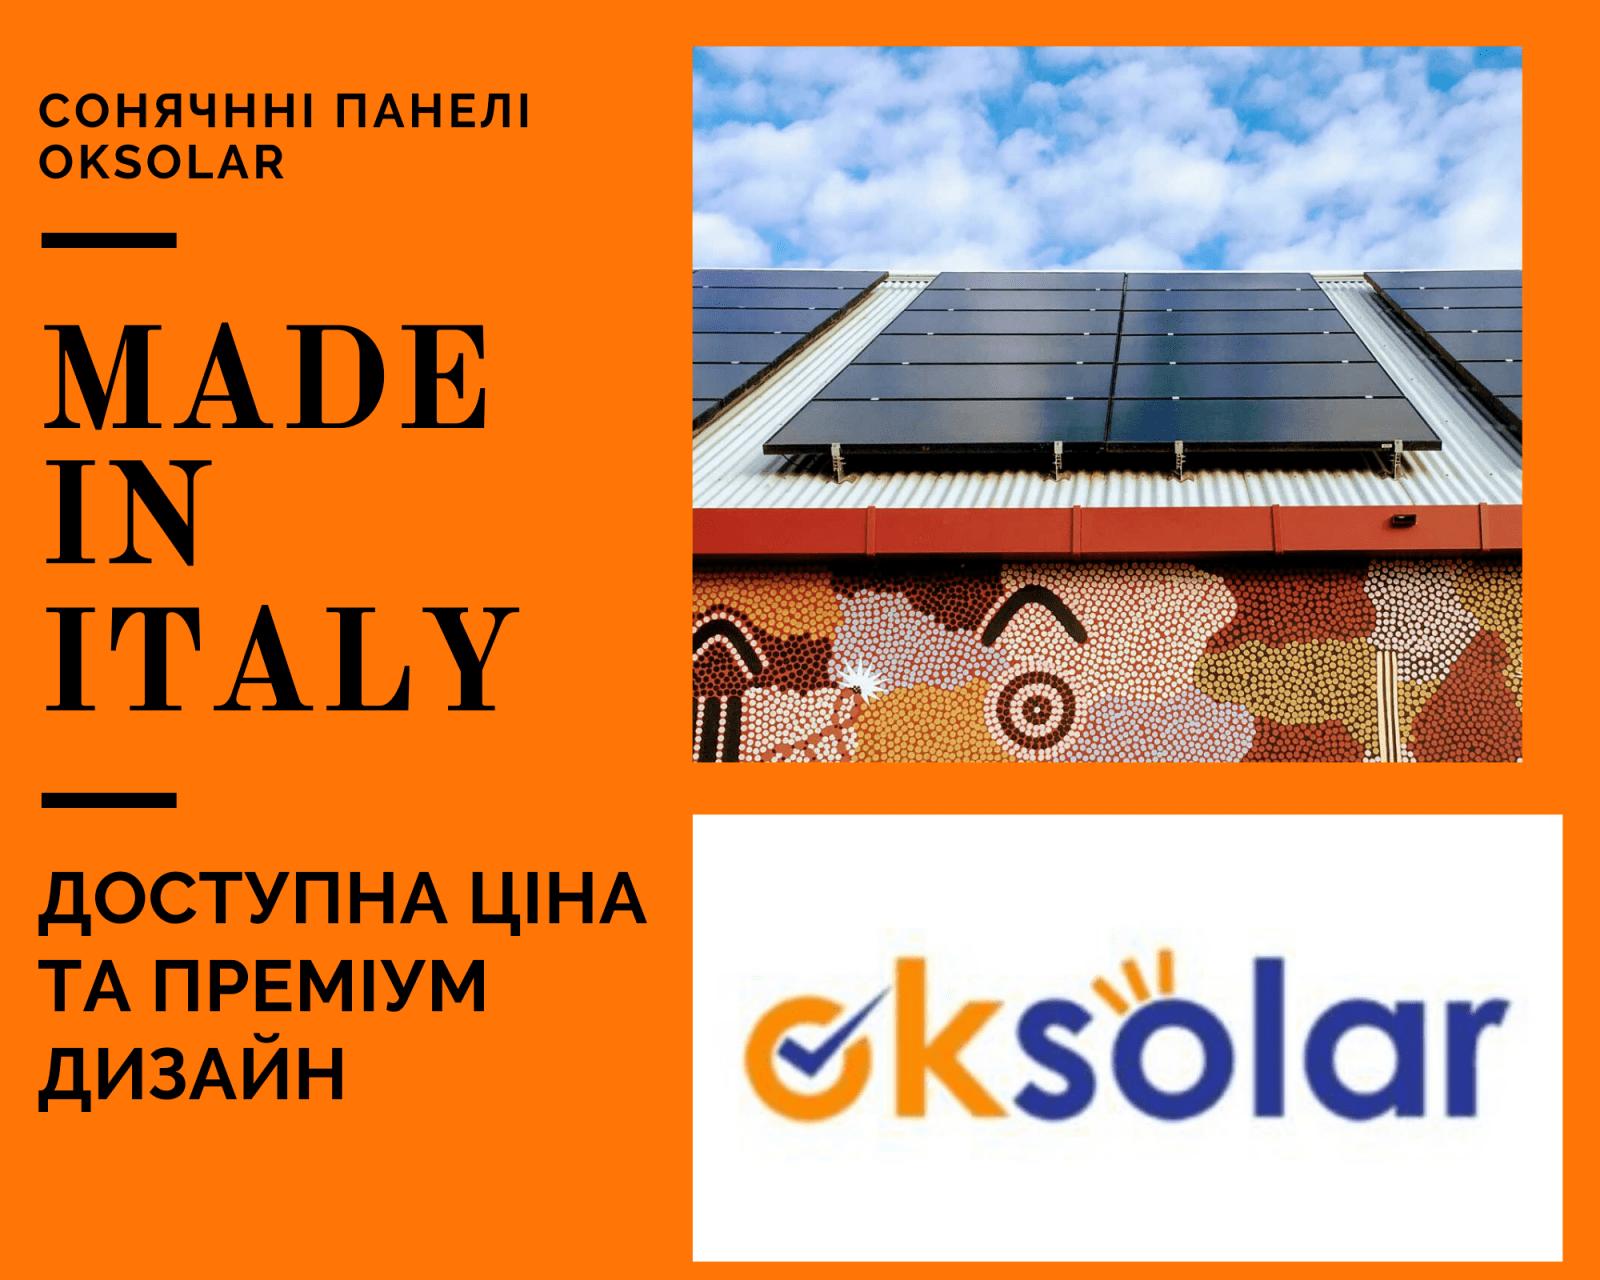 Європейська якість за доступною ціною та преміальним дизайном /// Сонячні панелі Ok Solar